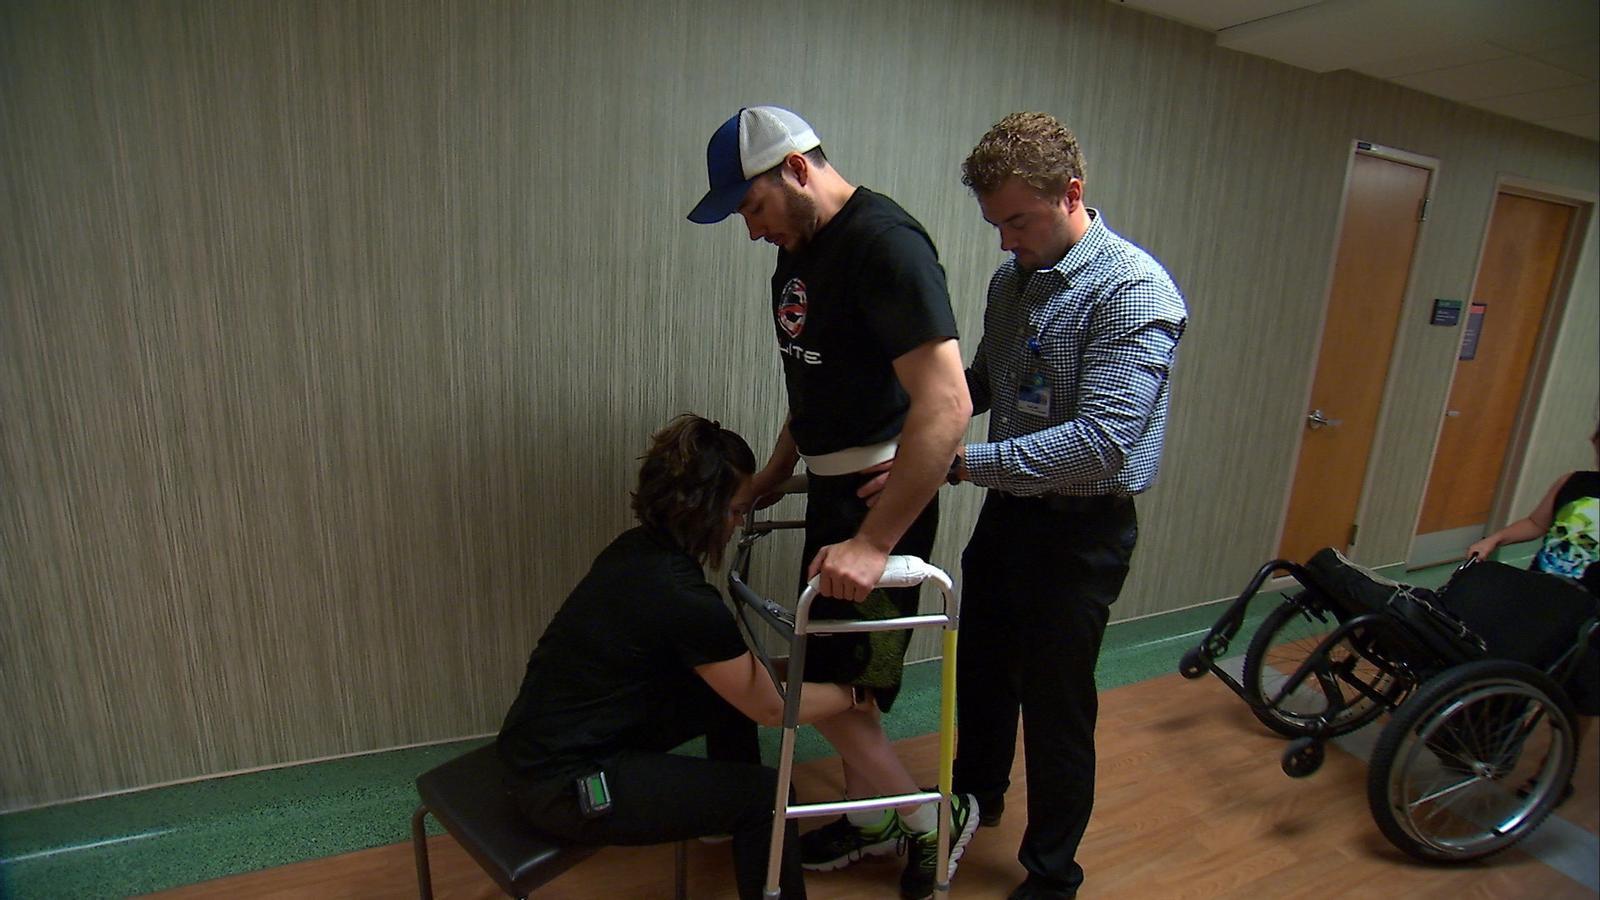 Un pacient amb paràlisi aconsegueix caminar gràcies a l'estimulació electrònica